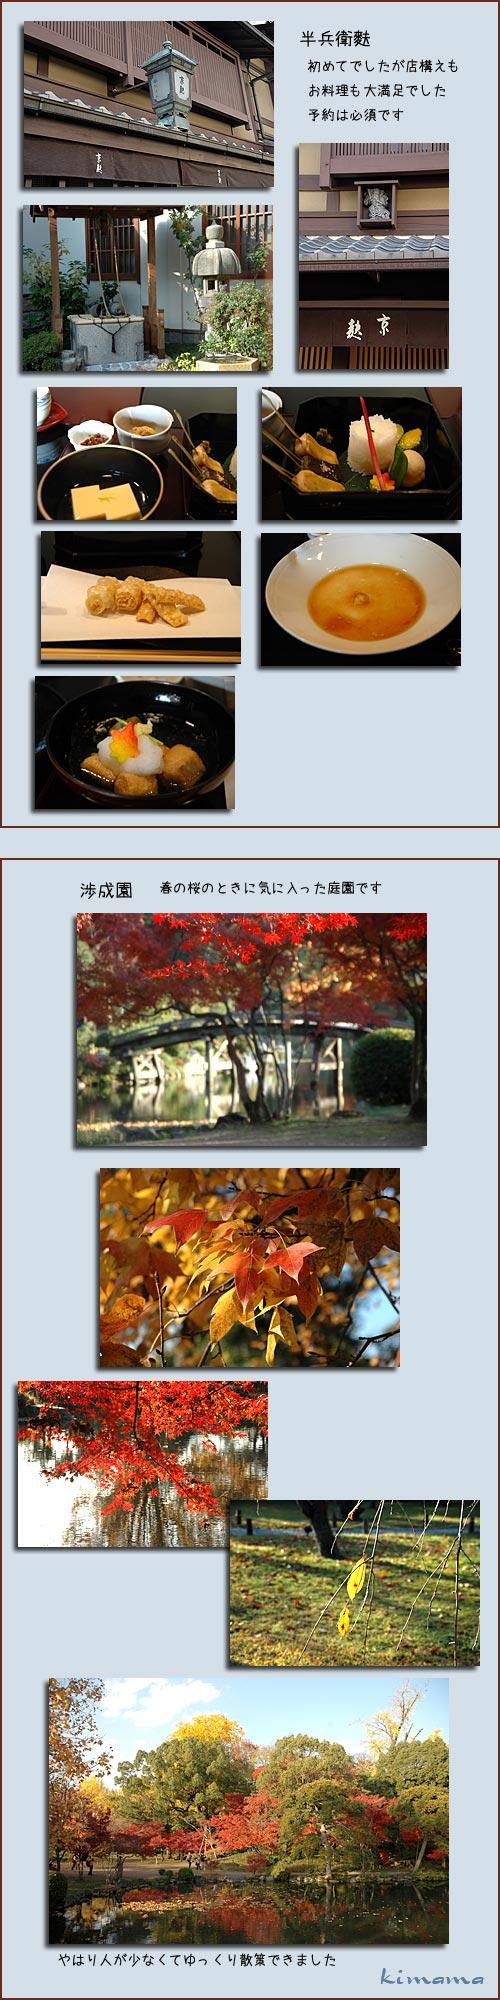 12月4日京都2